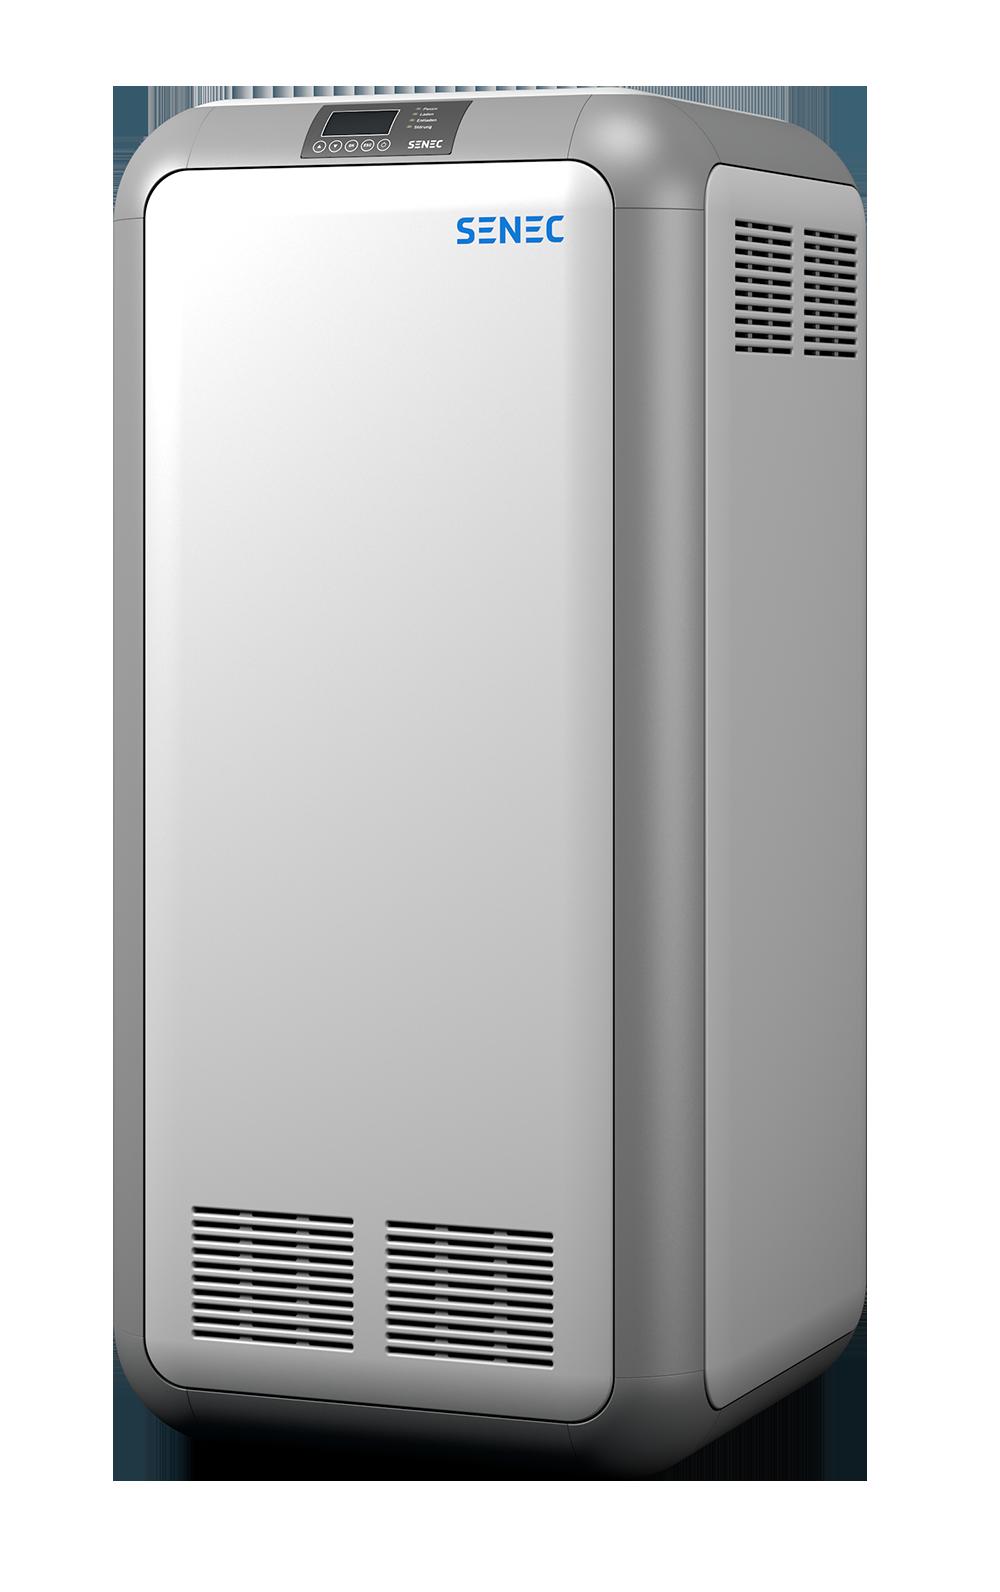 Energielösungen: Abbildung eines Stromspeichers